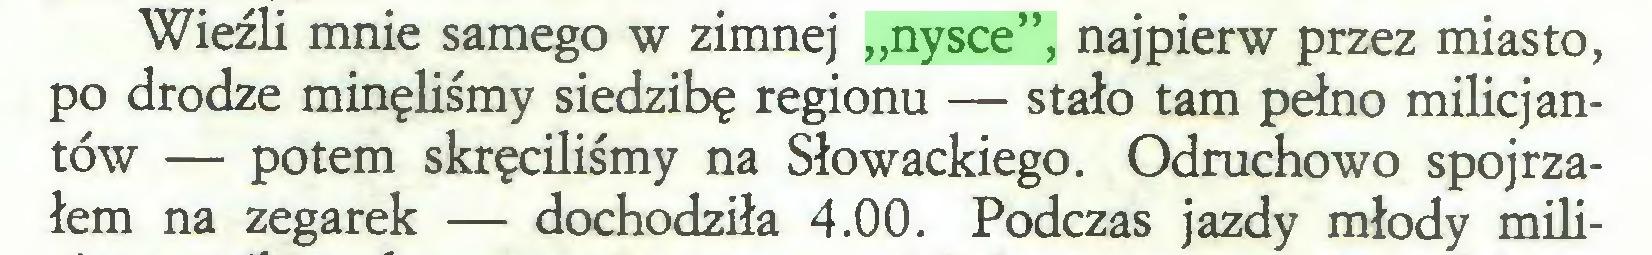 """(...) Wieźli mnie samego w zimnej """"nysce"""", najpierw przez miasto, po drodze minęliśmy siedzibę regionu — stało tam pełno milicjantów — potem skręciliśmy na Słowackiego. Odruchowo spojrzałem na zegarek — dochodziła 4.00. Podczas jazdy młody mili..."""